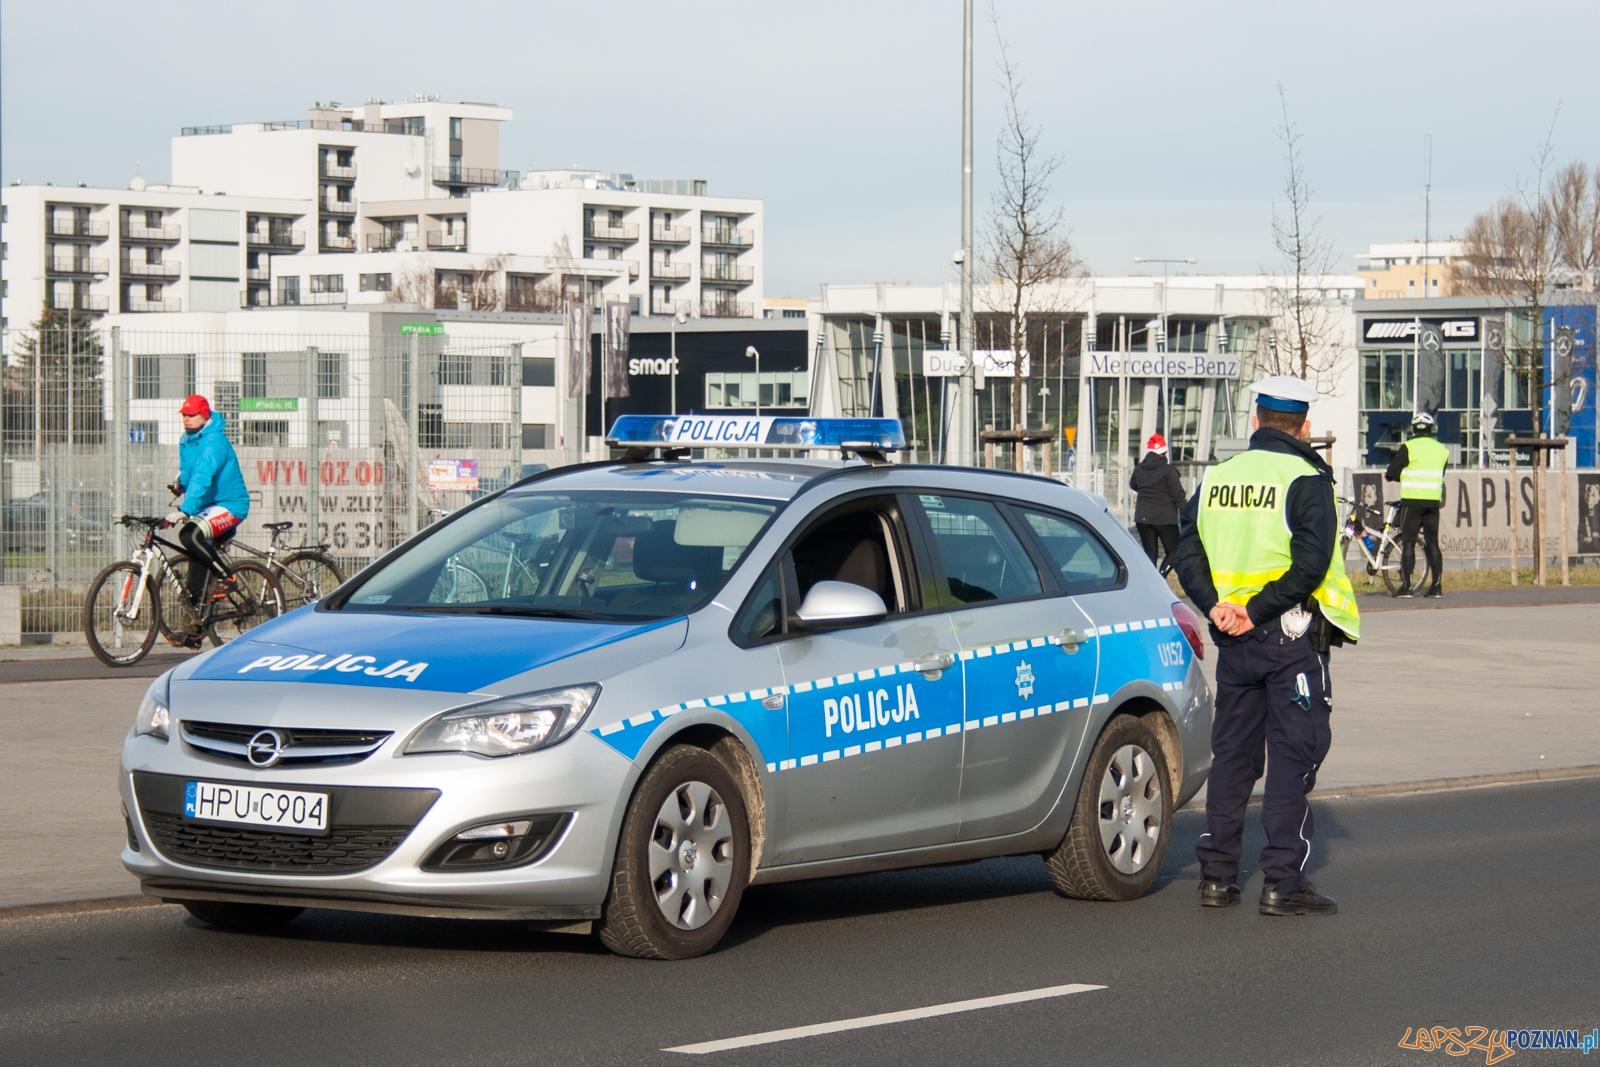 Policja / policjant / radiowóz  Foto: © lepszyPOZNAN.pl / Karolina Kiraga